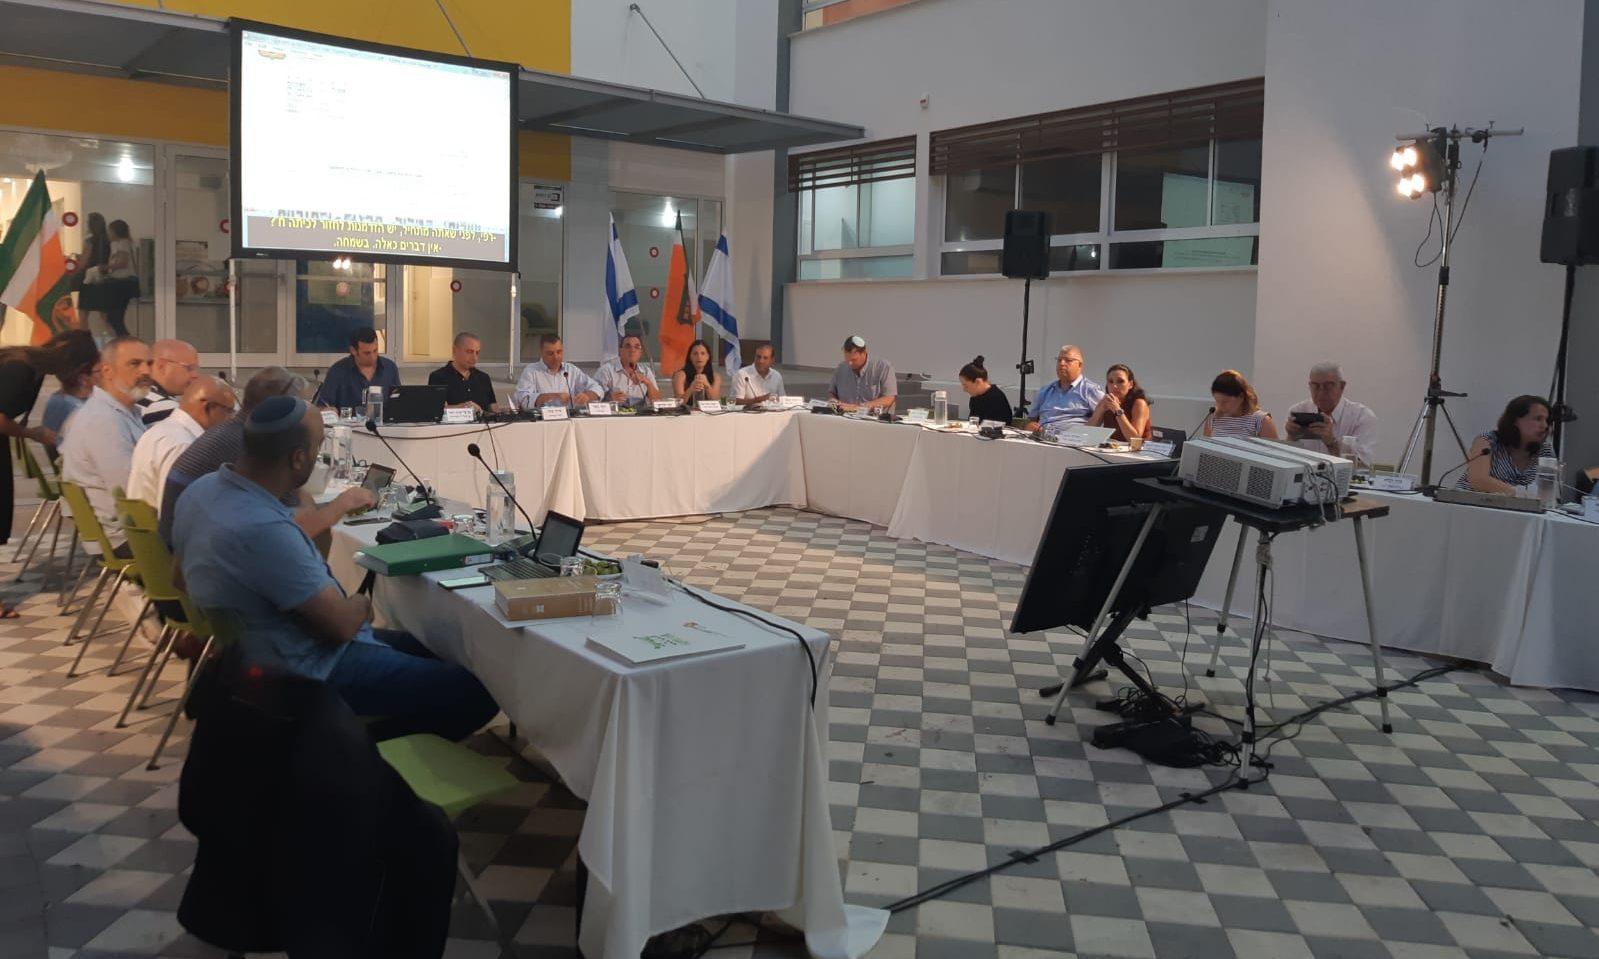 ישיבת מועצת העיר ב-4 בספטמבר. צילום אריה אברמזון